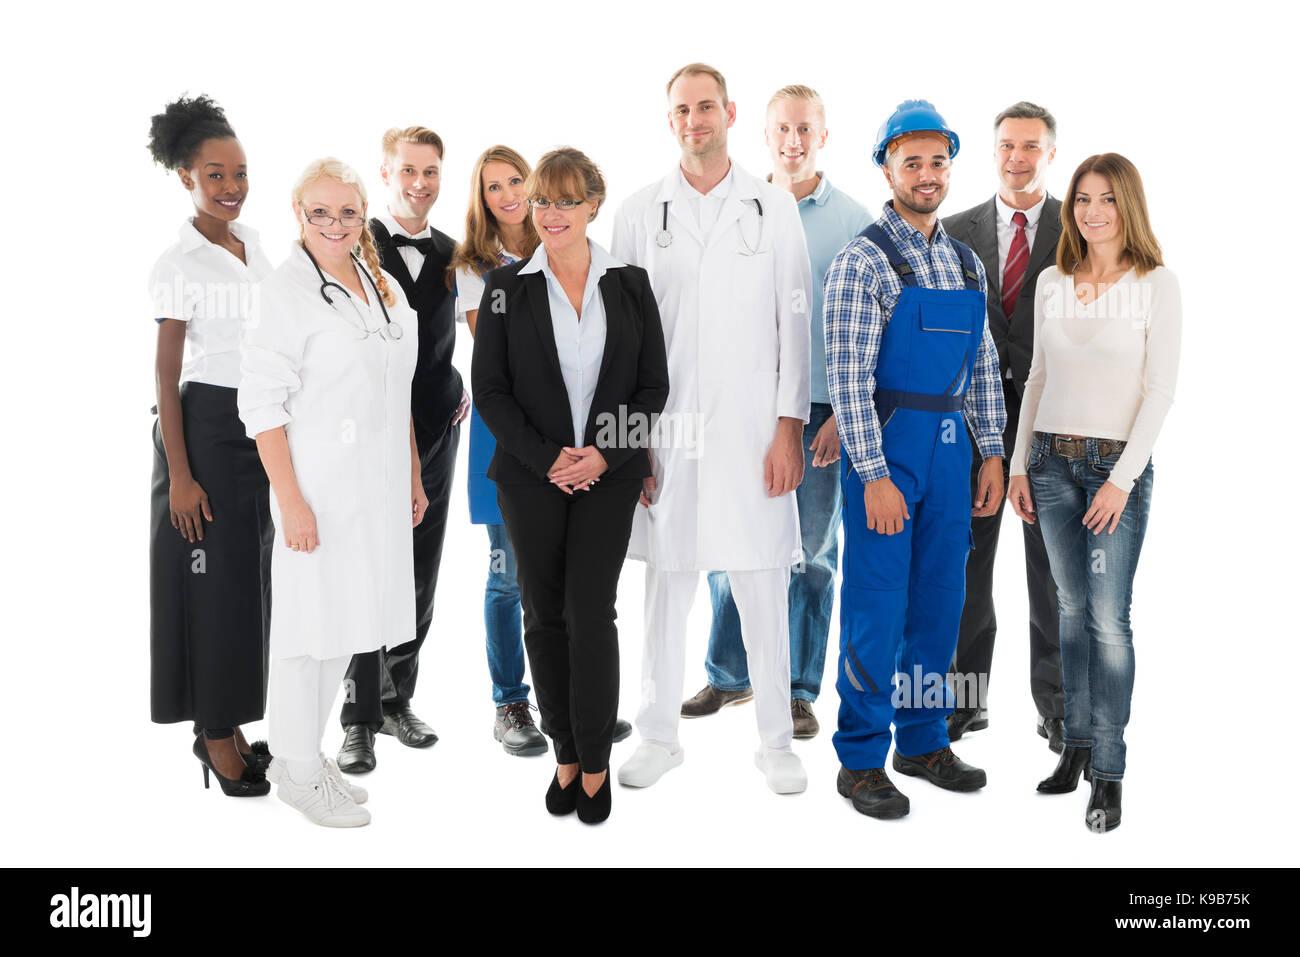 Retrato de grupo de seguros de personas con diversas ocupaciones de pie contra el fondo blanco. Imagen De Stock